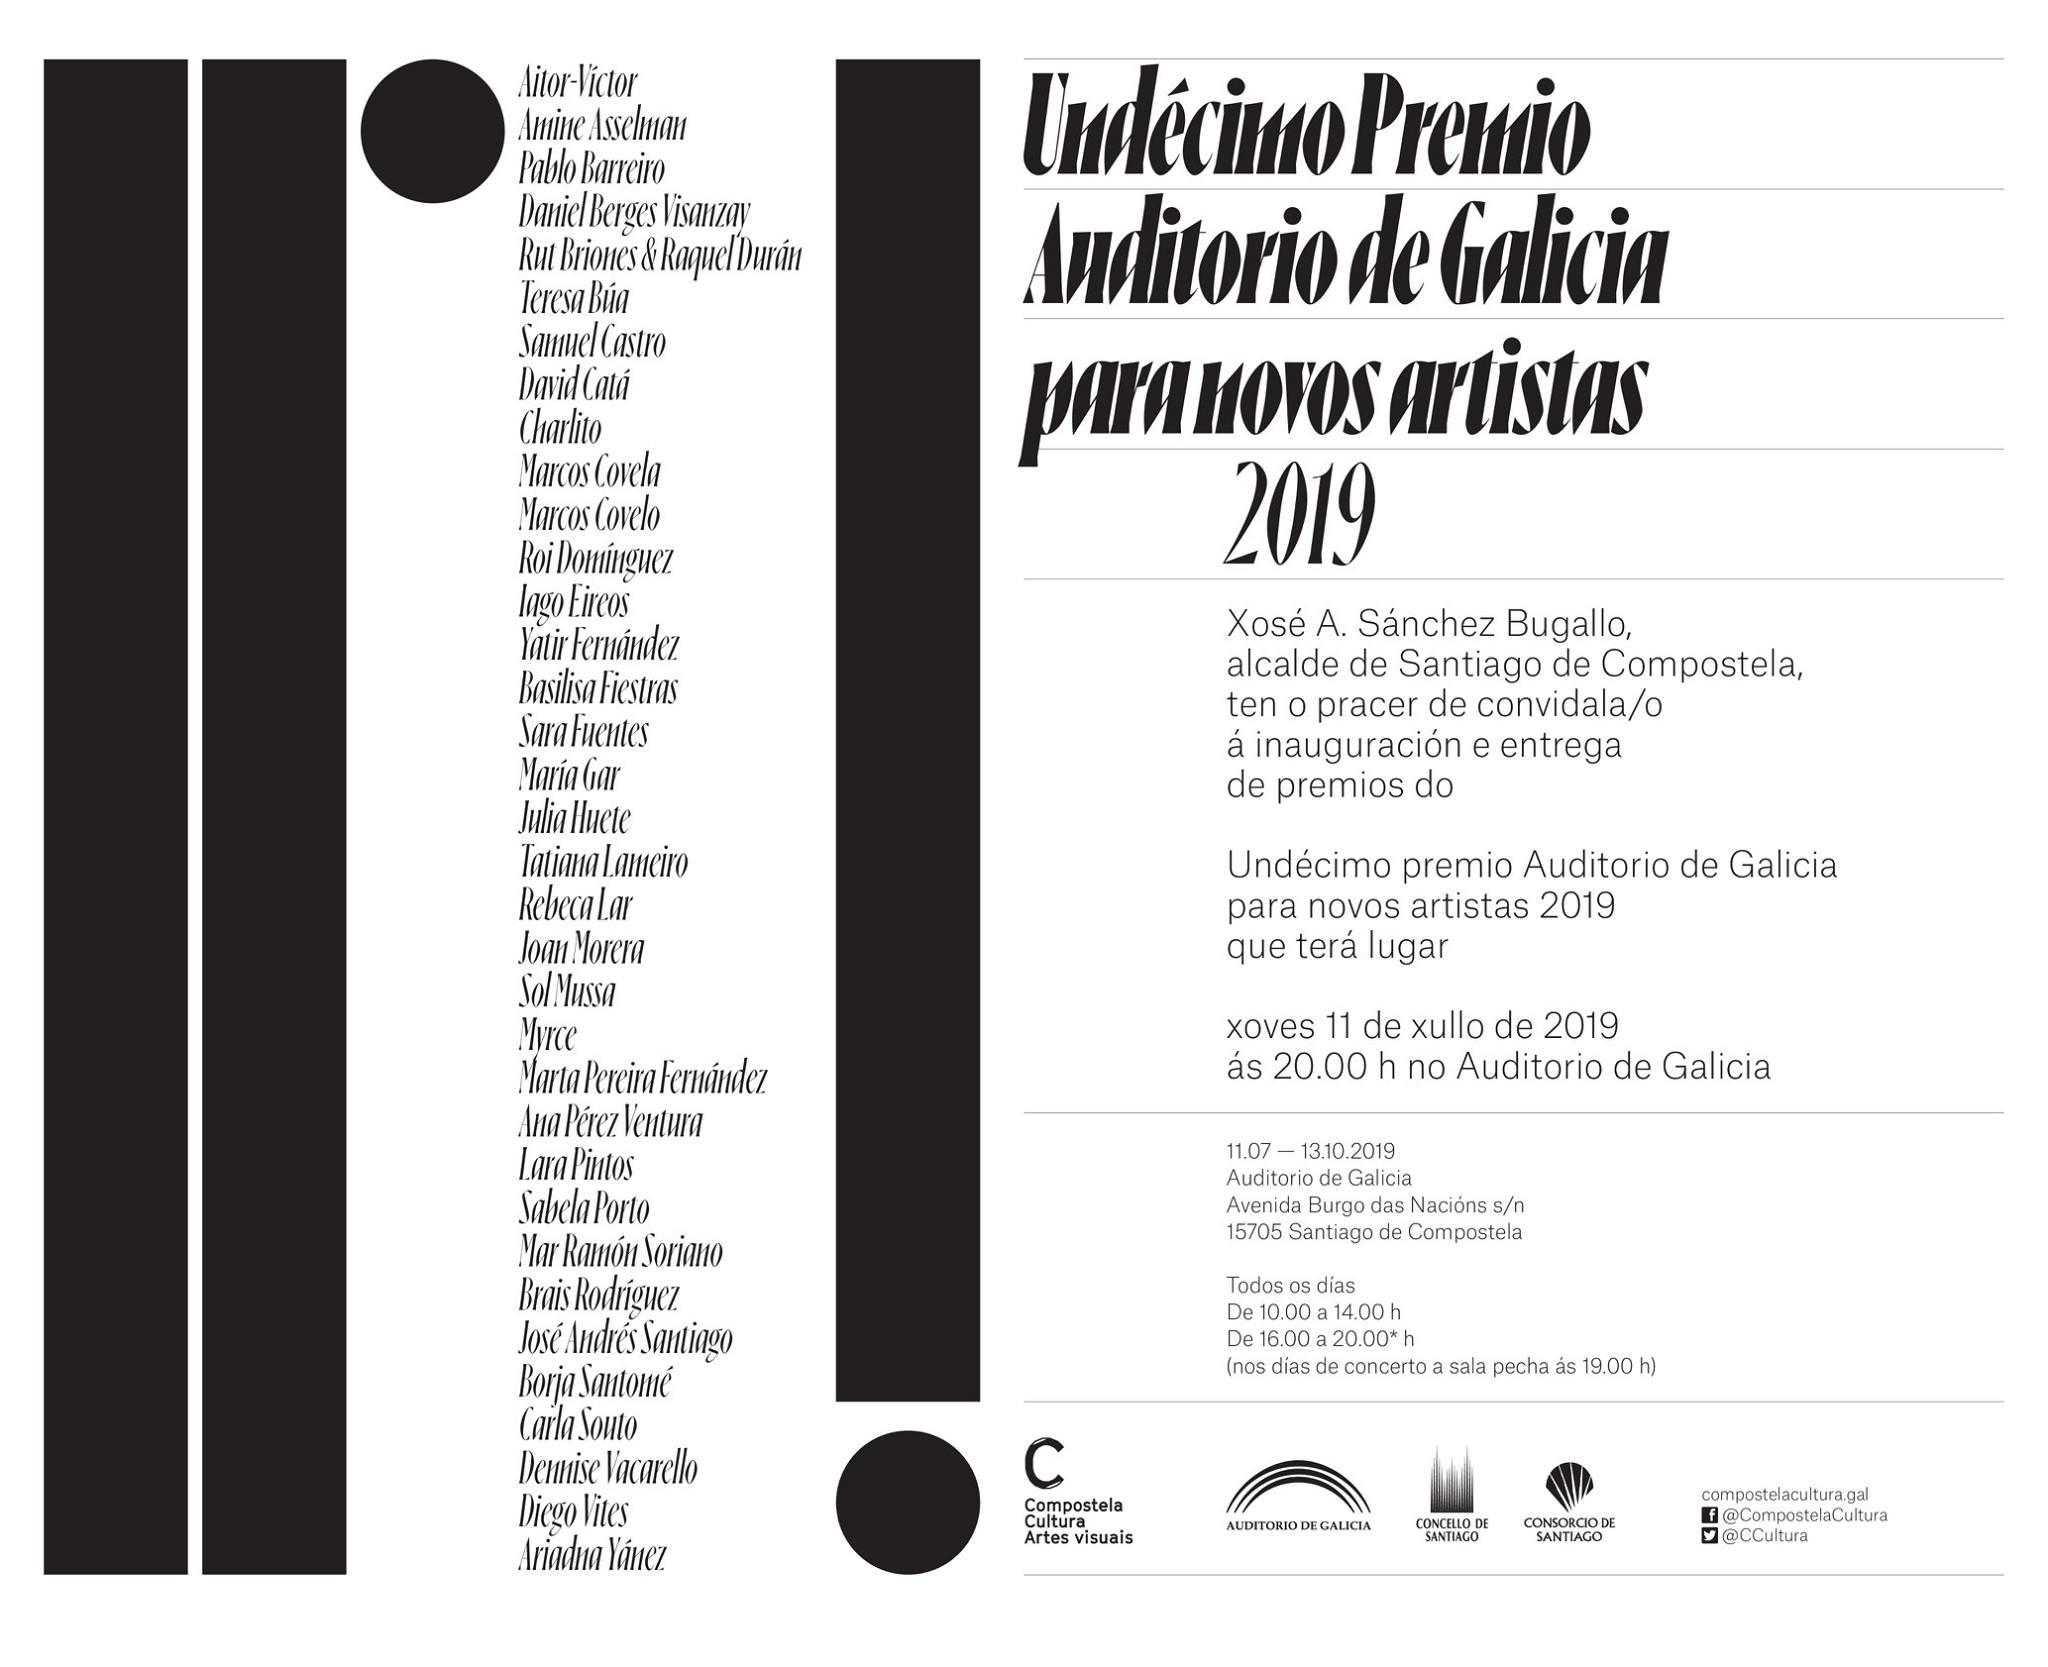 premio-auditorio-galicia